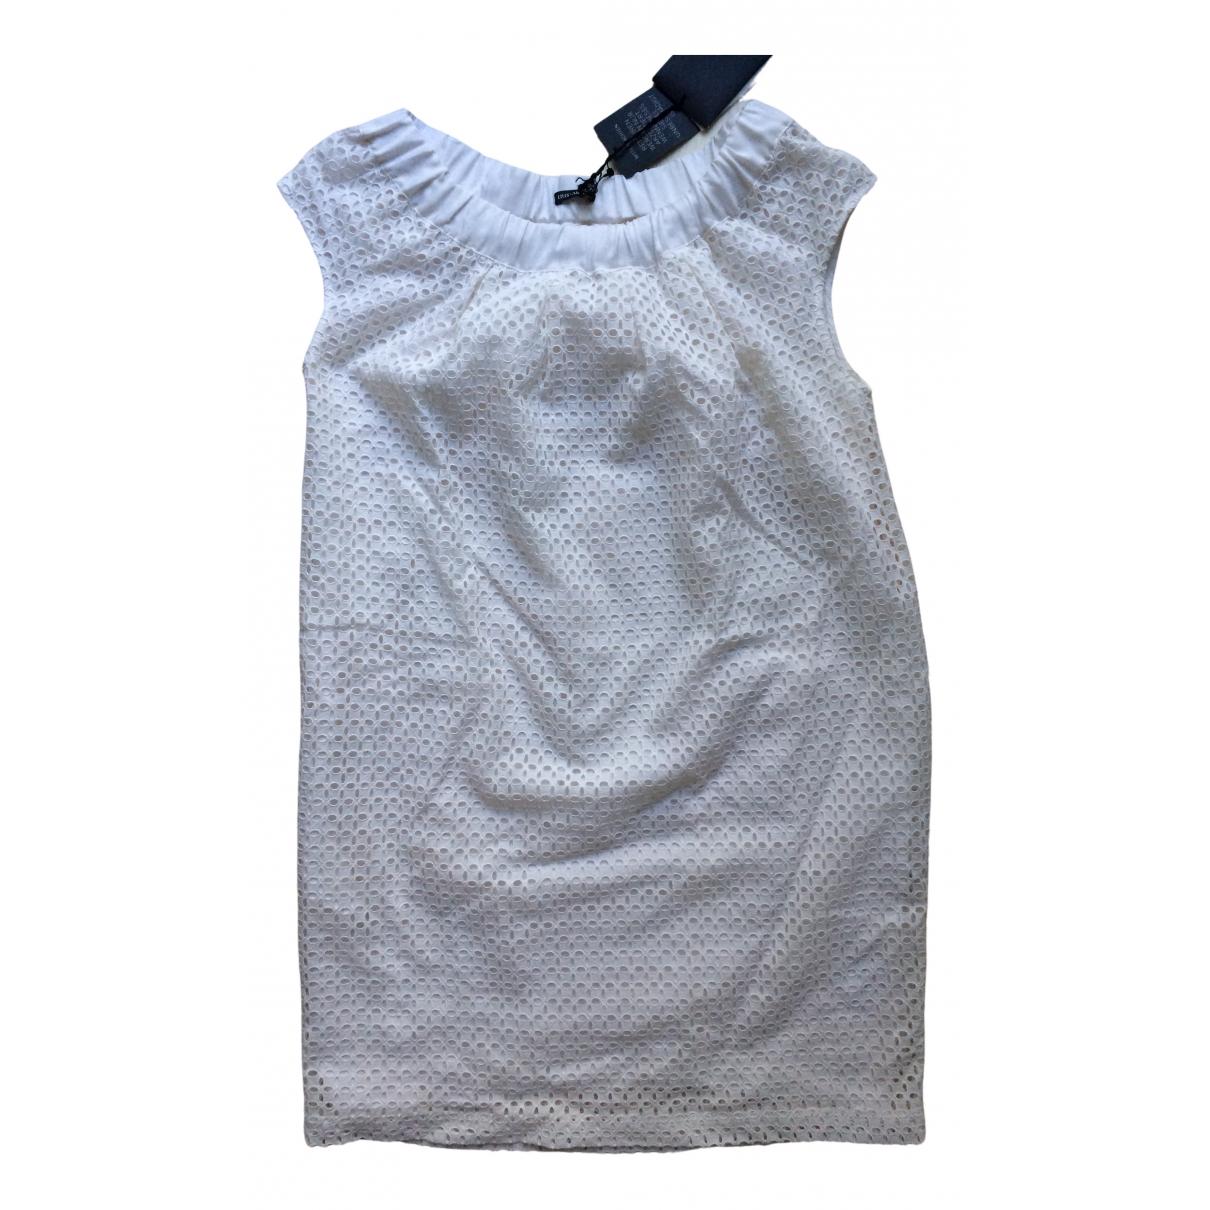 Iris Von Arnim - Robe   pour femme en soie - blanc